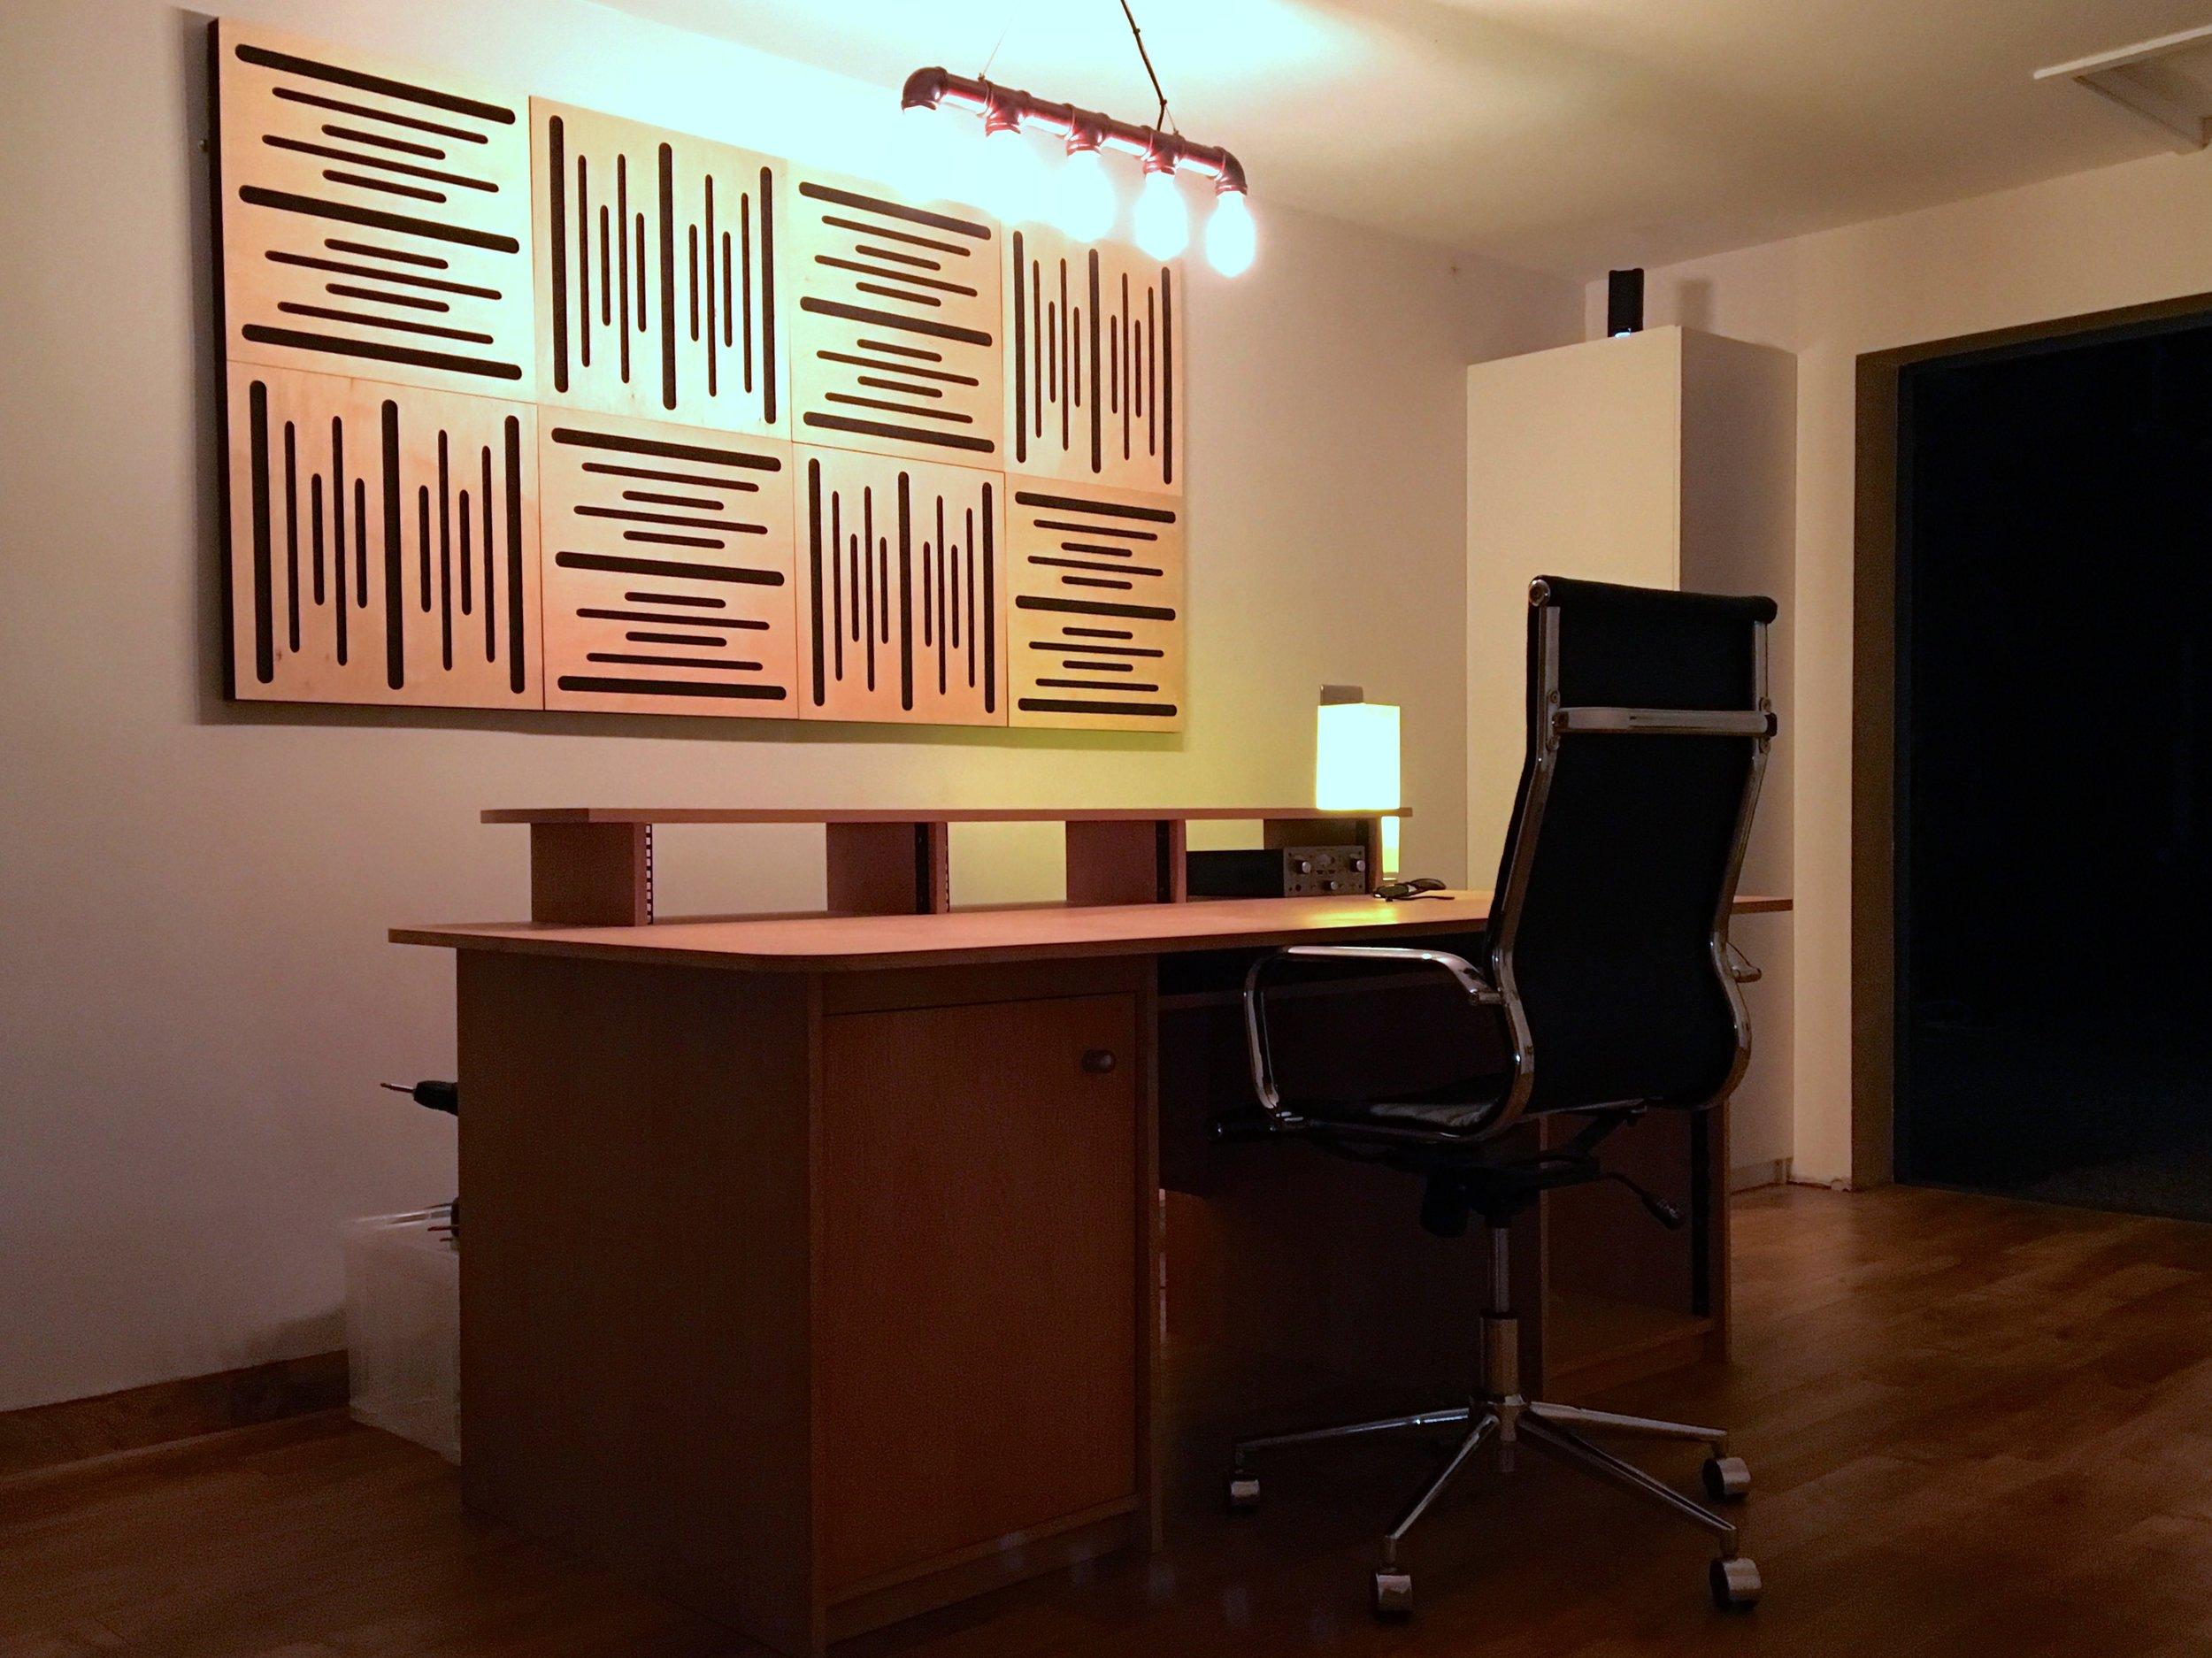 Studio Storage